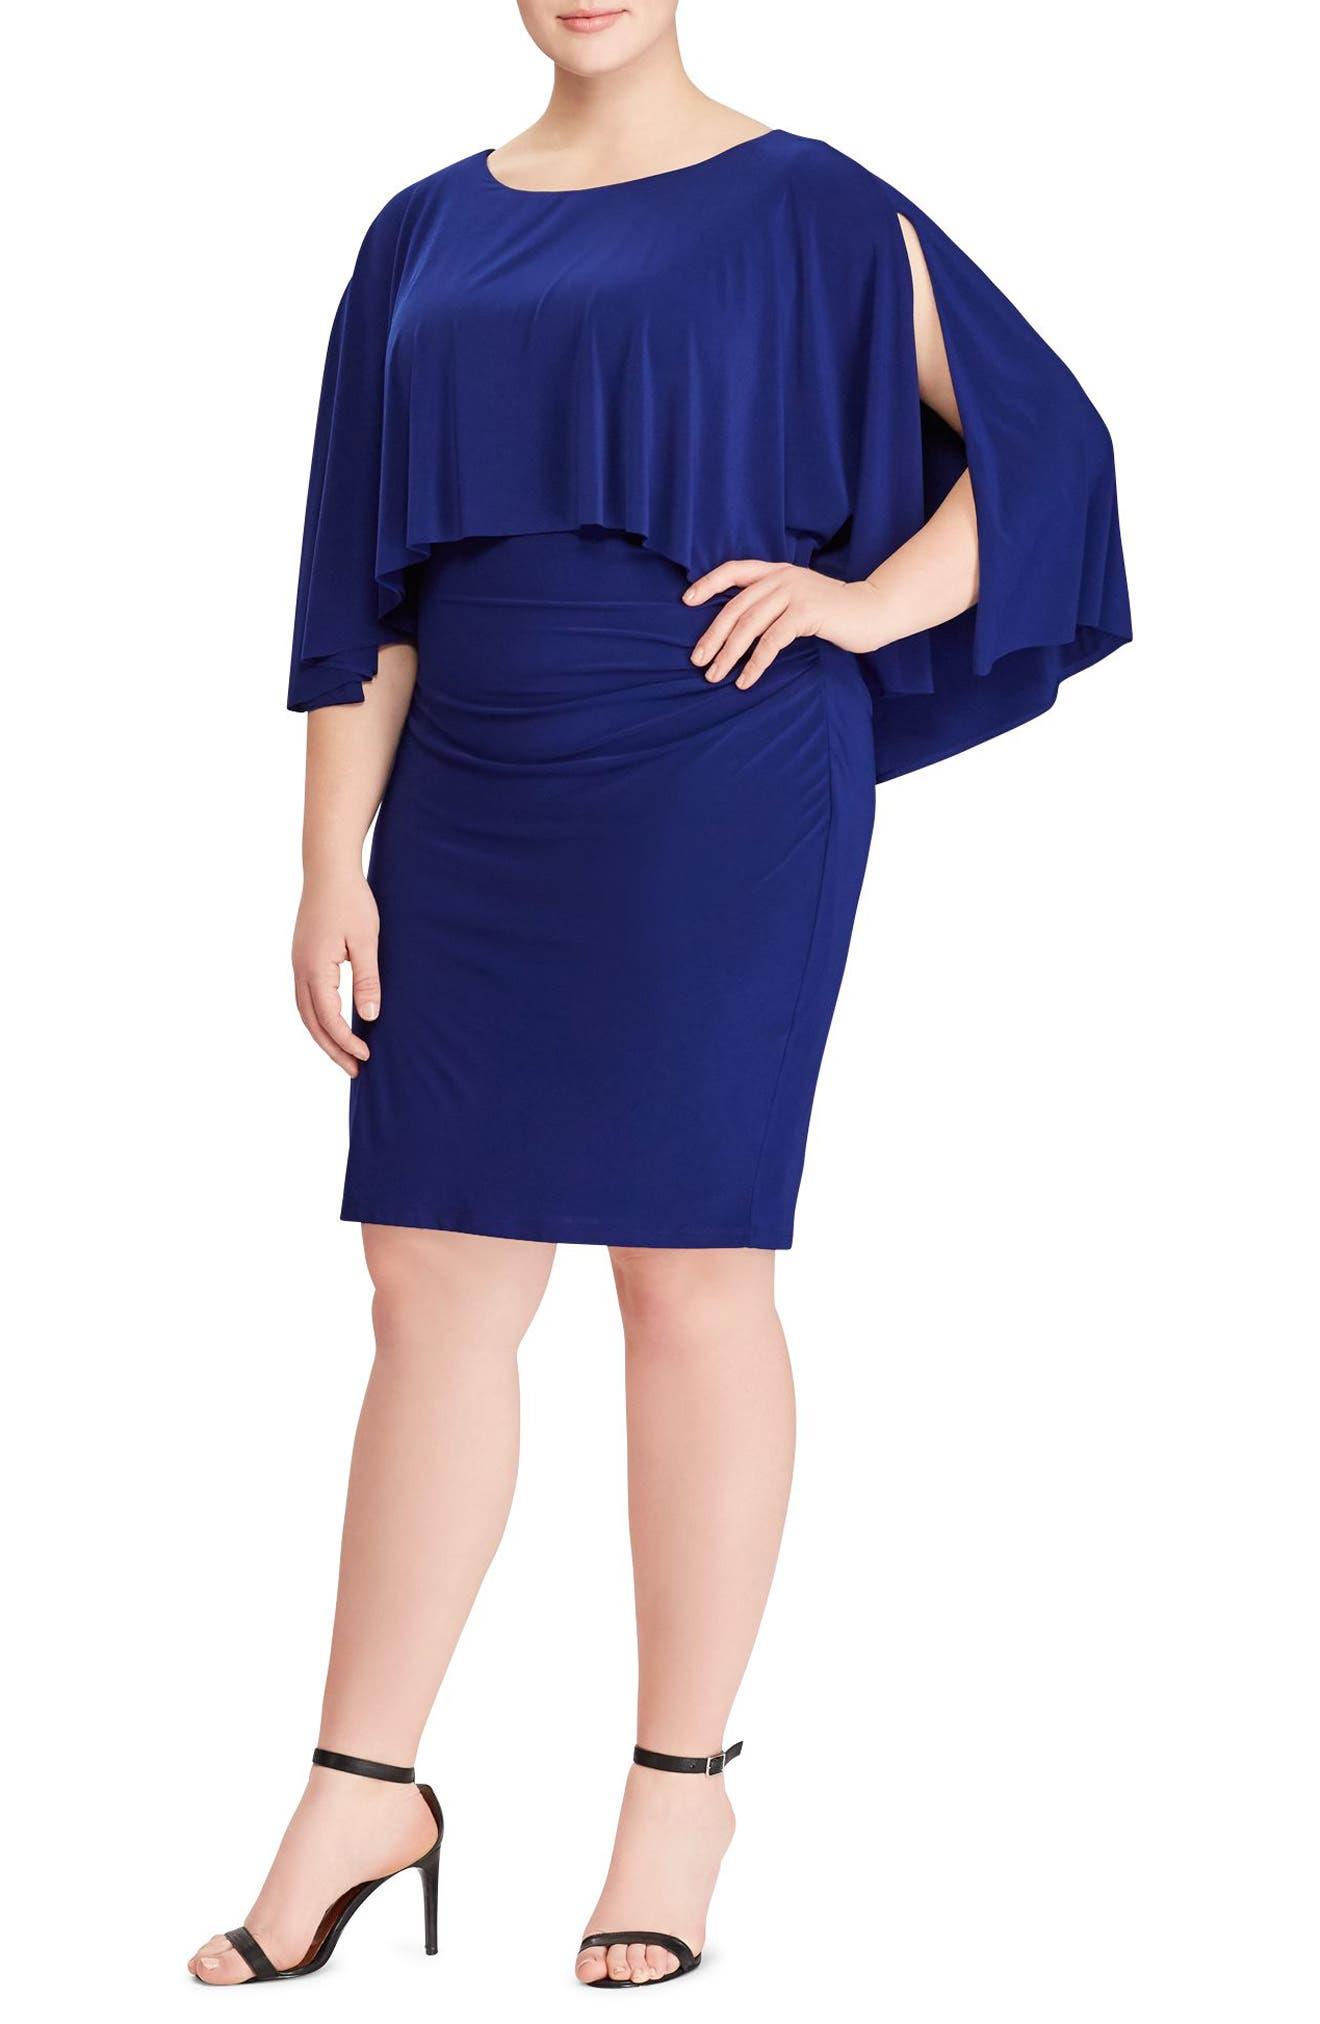 Abriella Cape Sheath Dress,                             Main thumbnail 1, color,                             Rich Sapphire